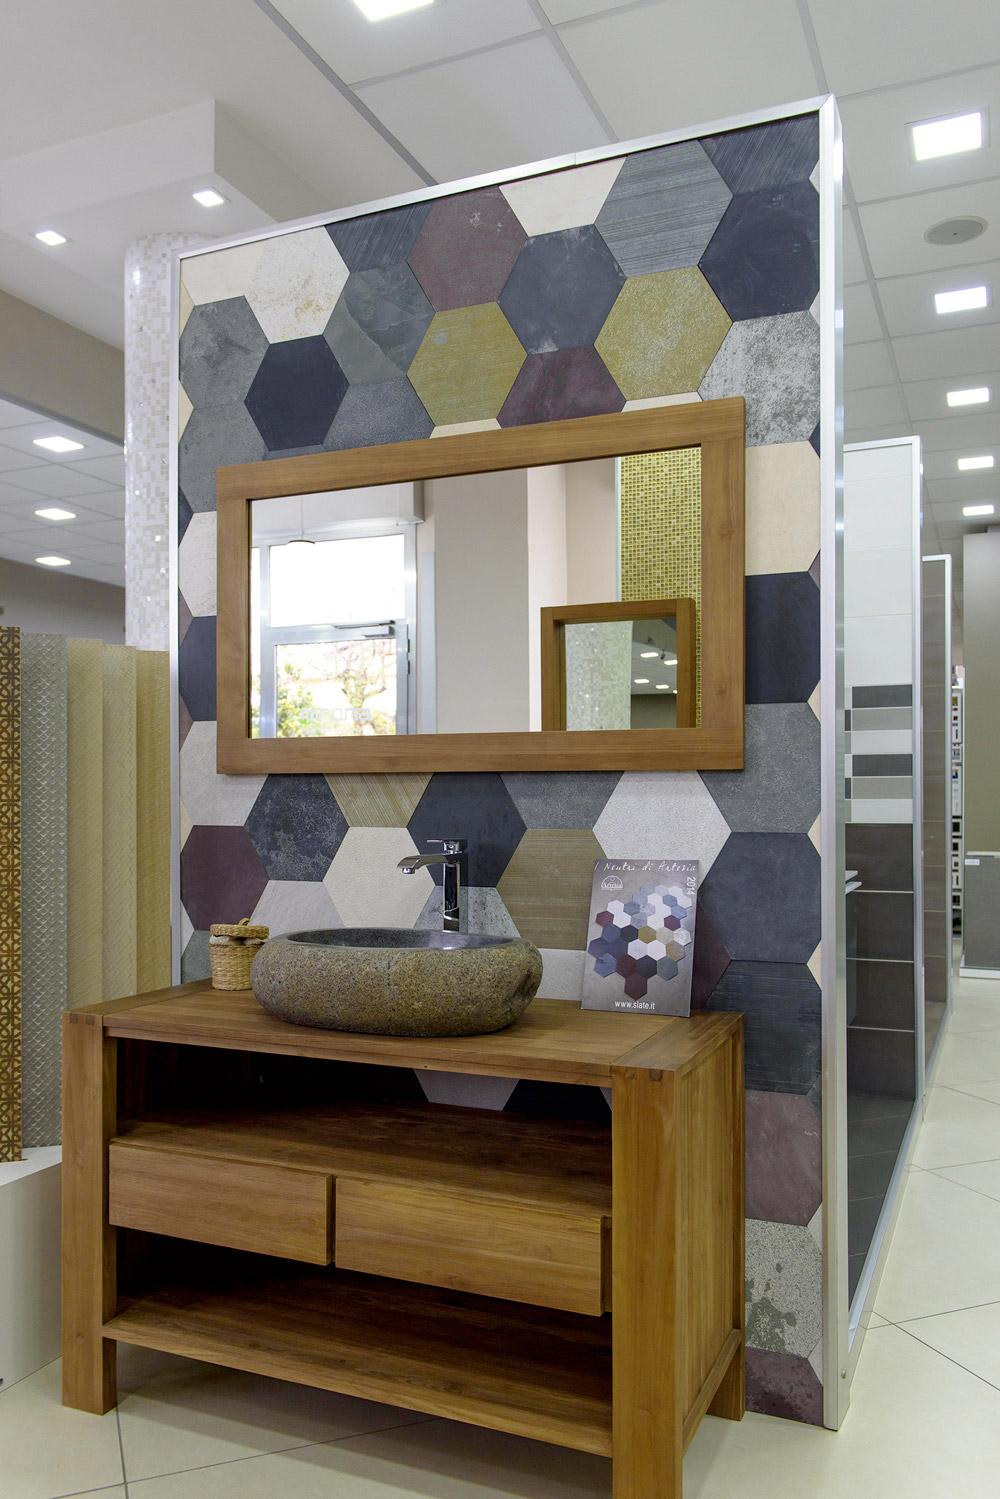 Showroom-miroma-ceramiche-arredobagno-aversa-caserta-napoli-20